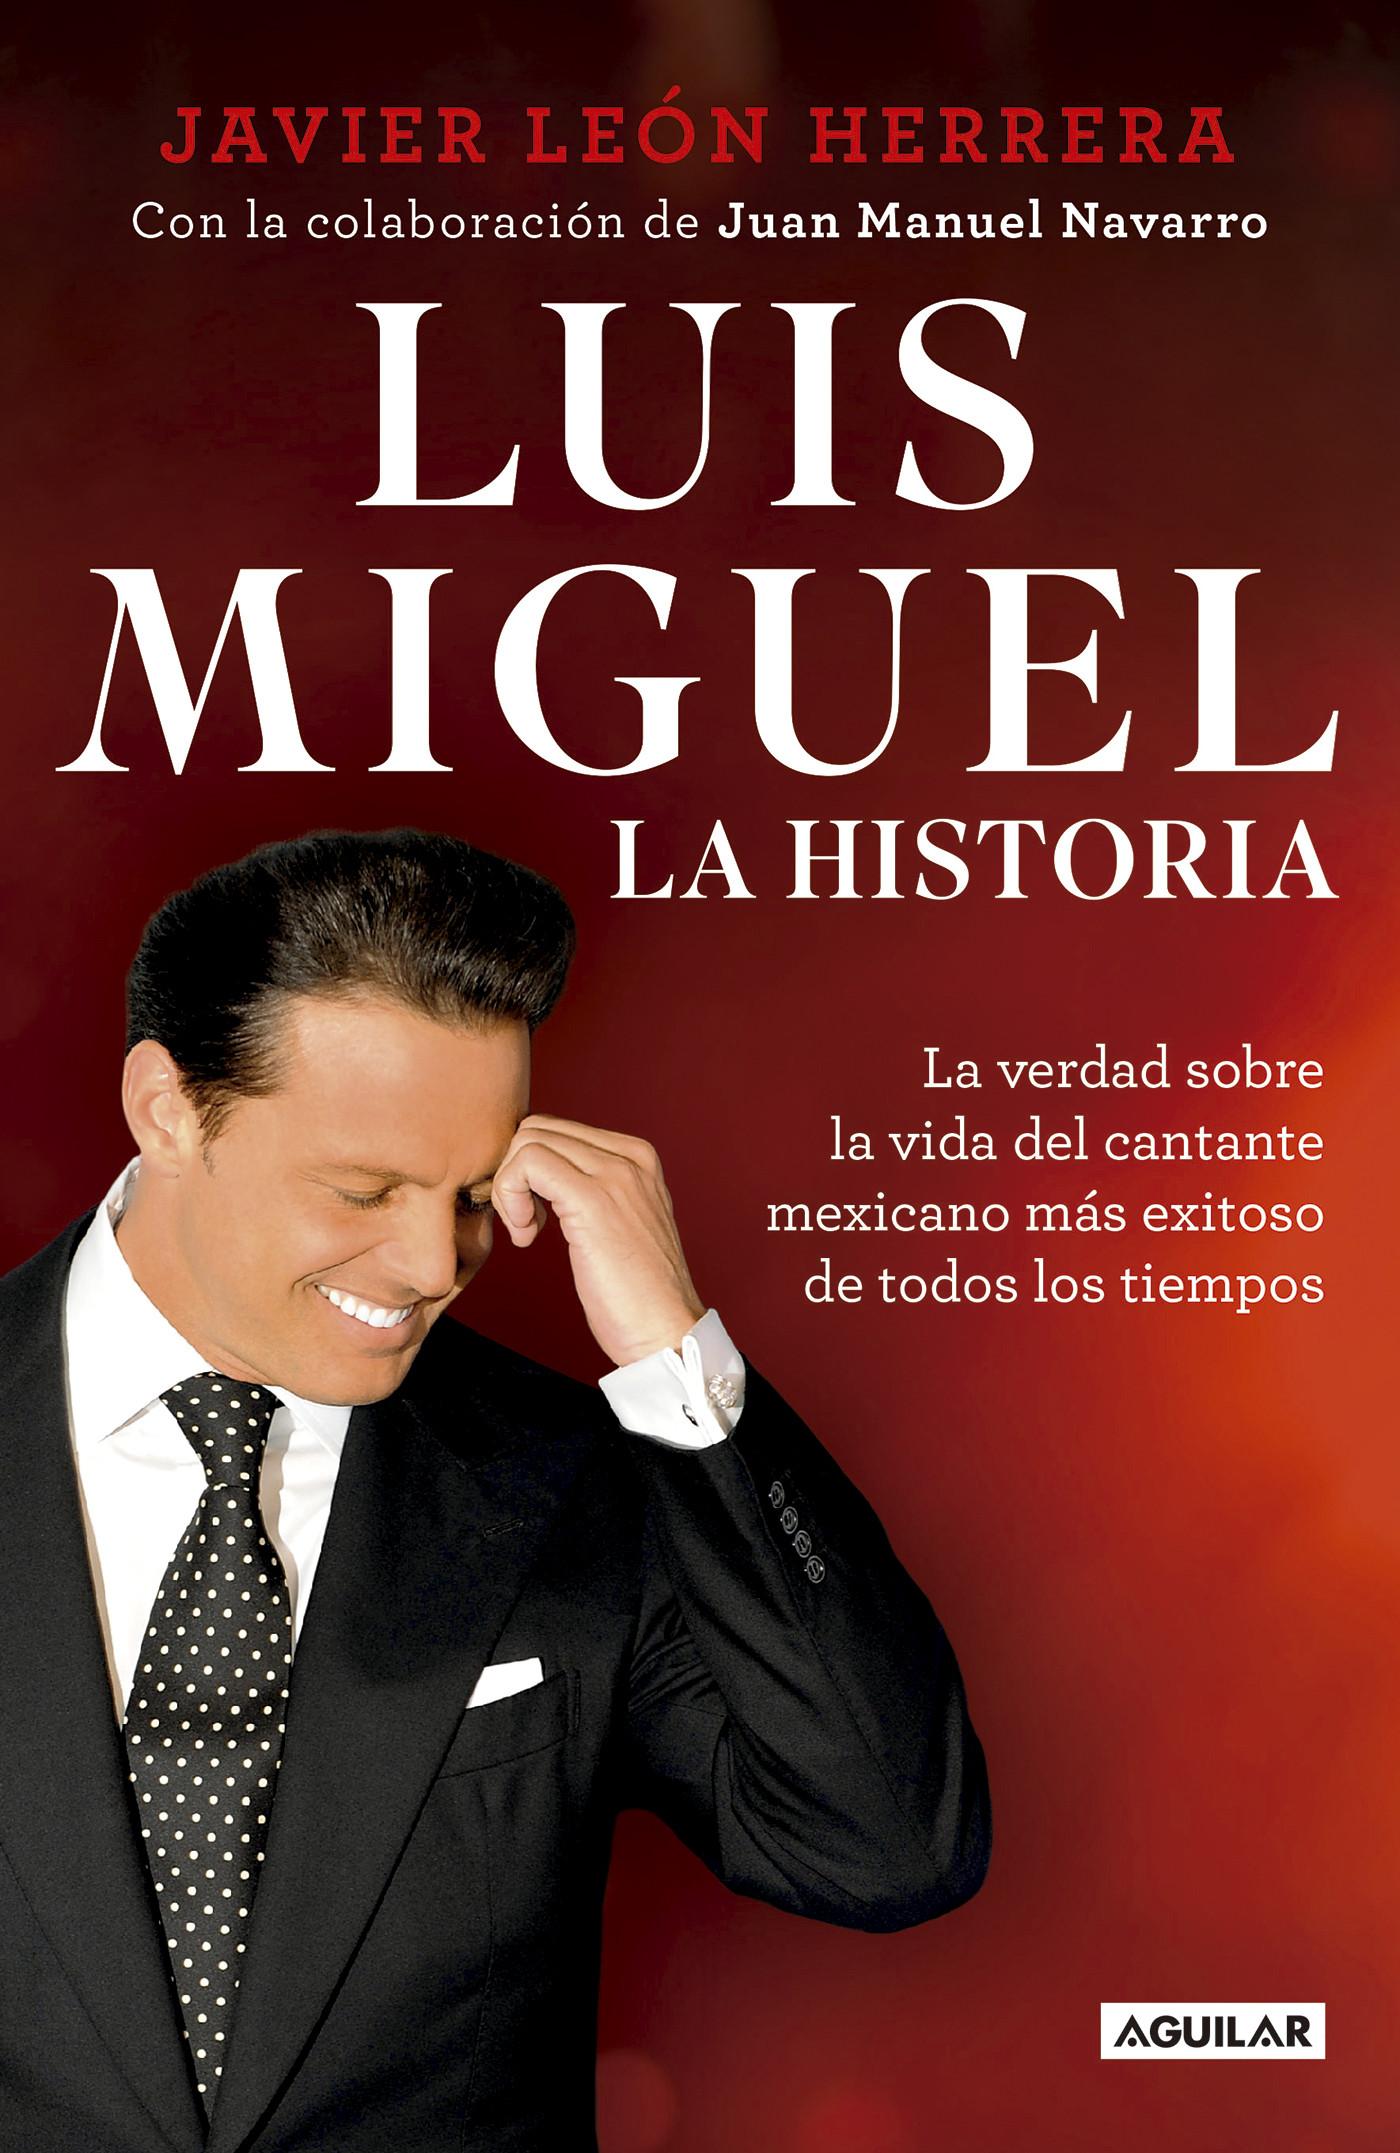 Luis Miguel: la historia